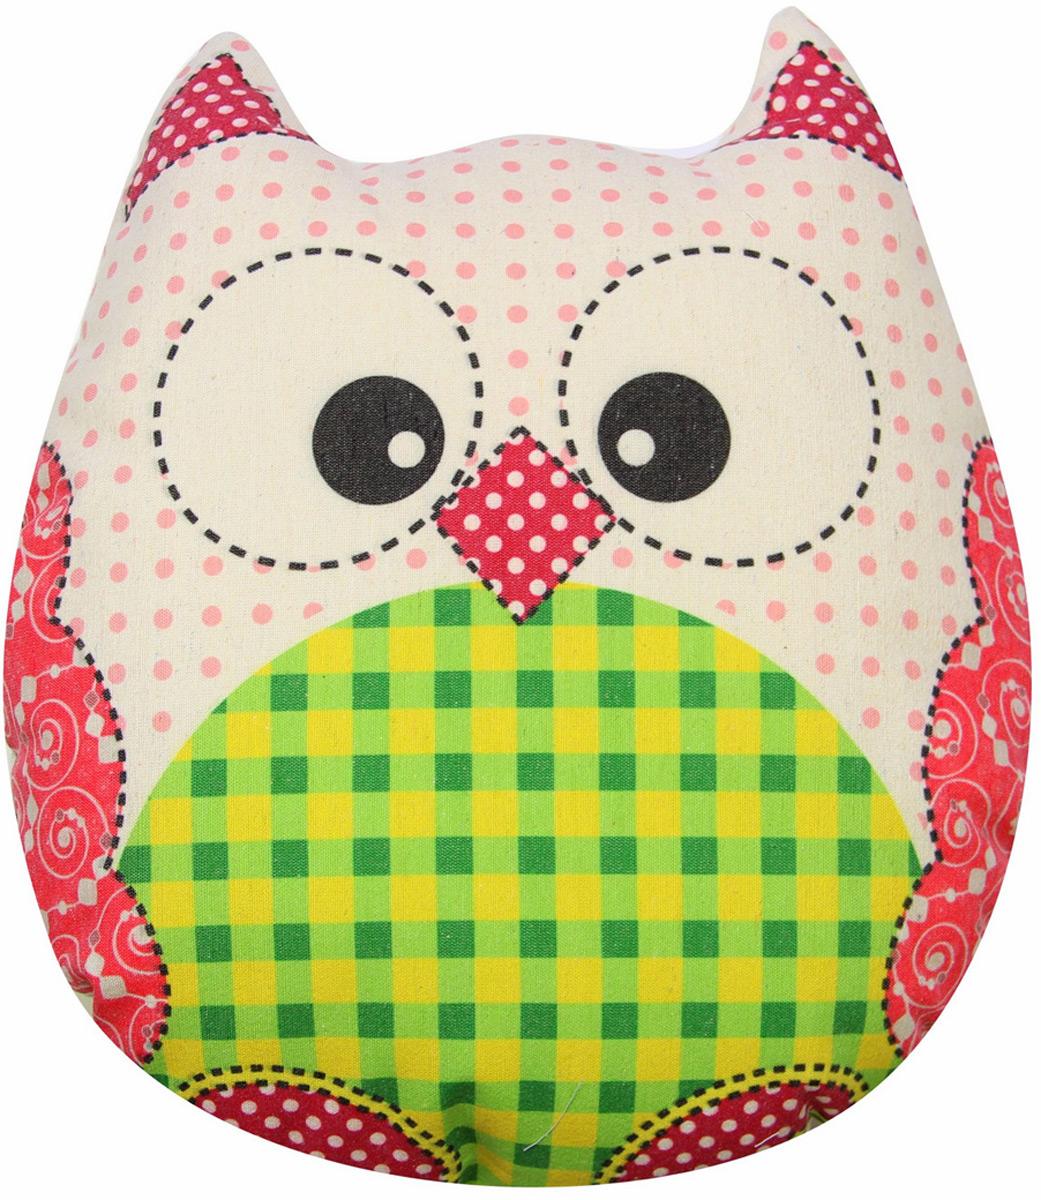 """Подушка-игрушка декоративная Штучки, к которым тянутся ручки """"Совы холст"""", цвет: розовый, зеленый, 41 x 38 см"""